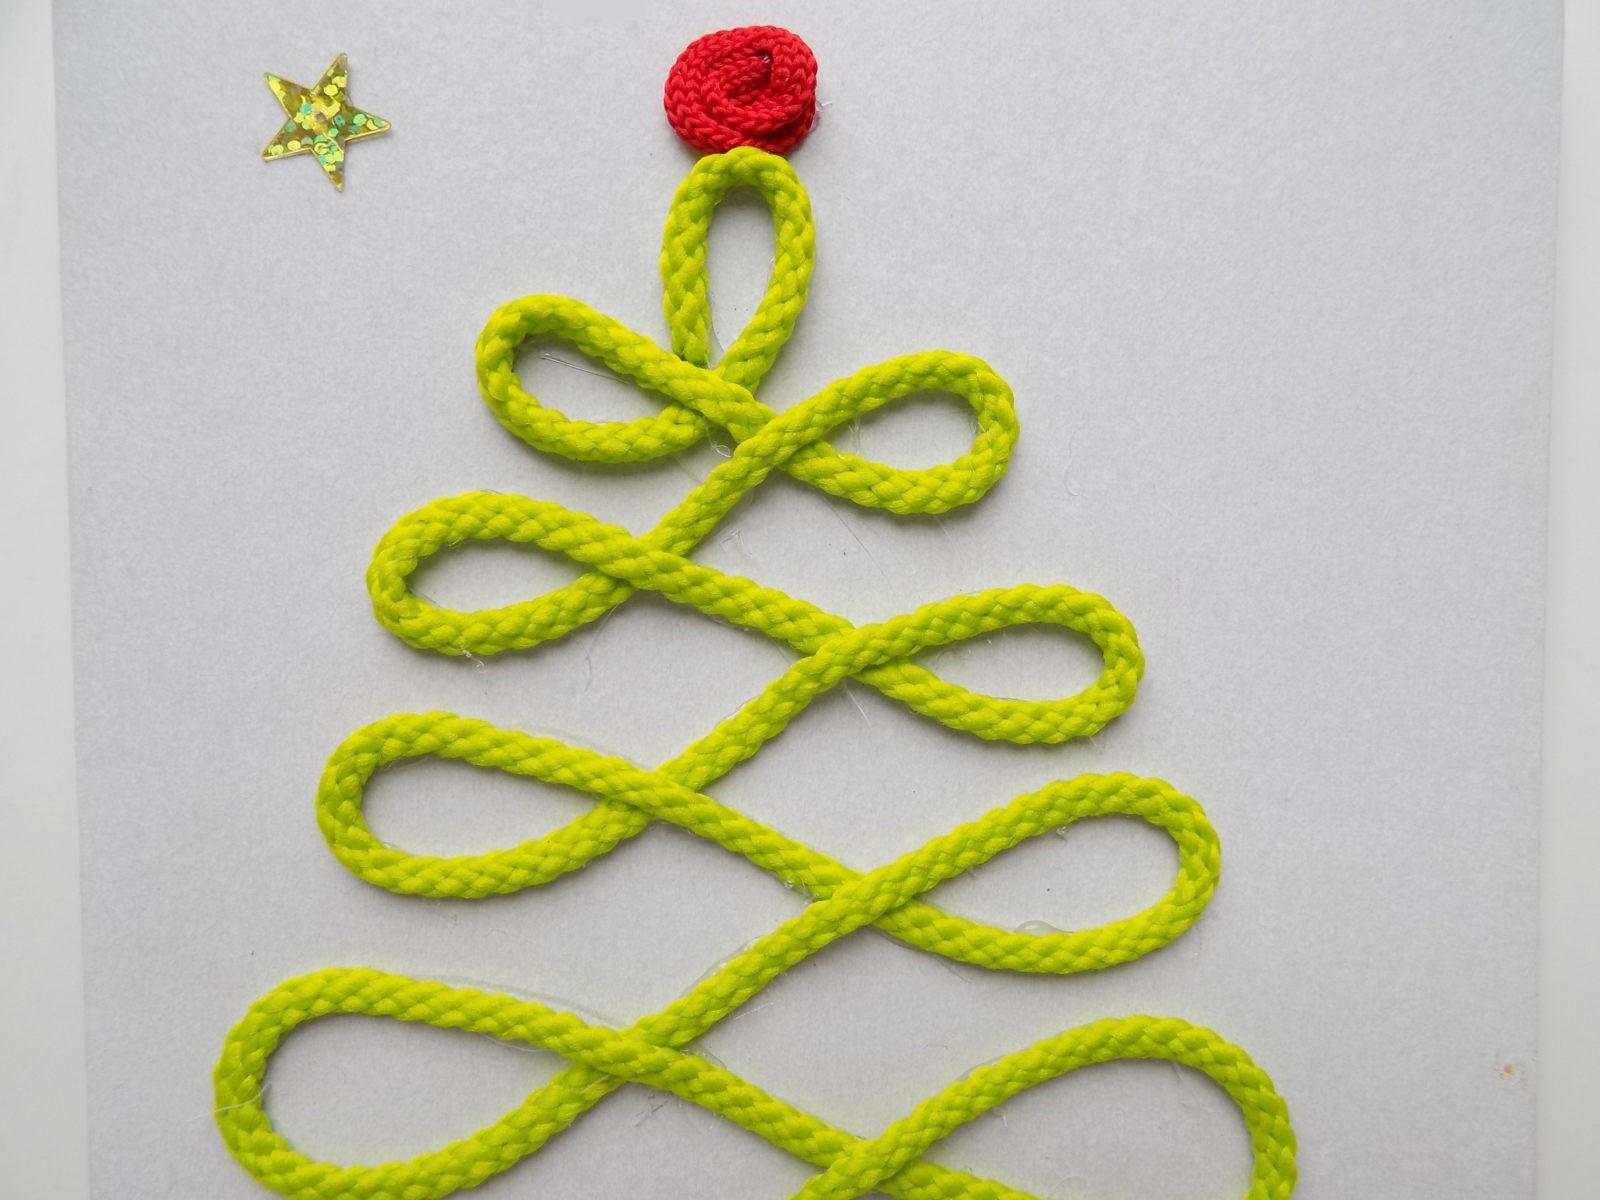 Новогодняя открытка с елочкой из шнура - 8